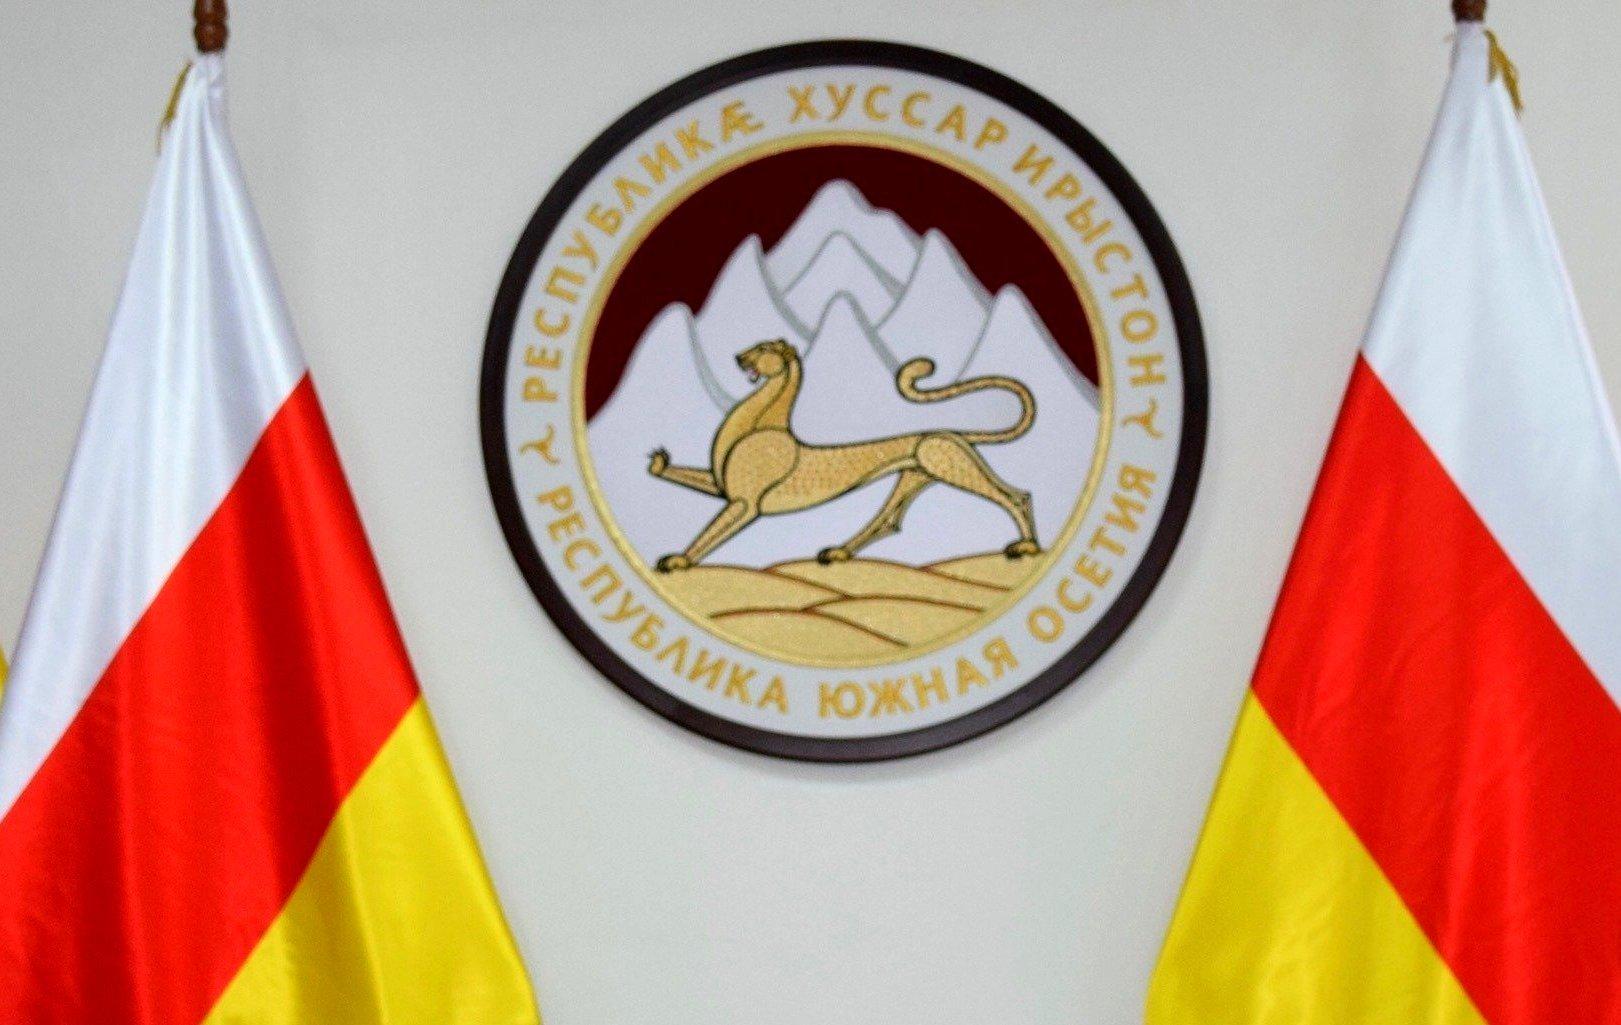 Посольство объявляет о гуманитарной акции помощи РЮО всвязи с распространением COVID-19